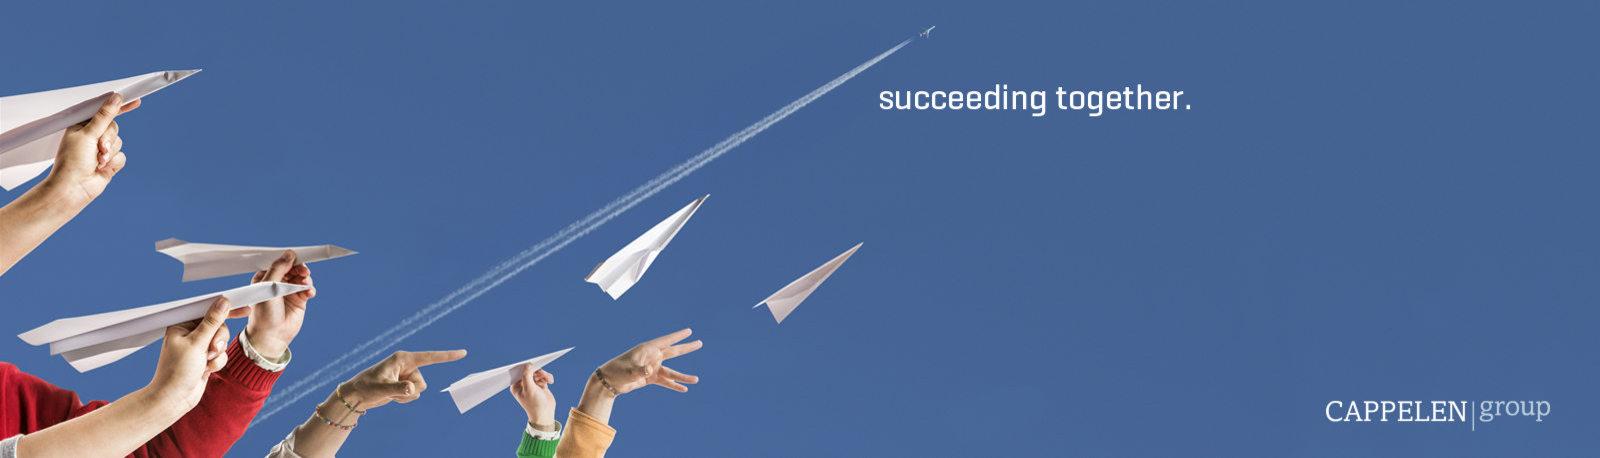 succeeding together.